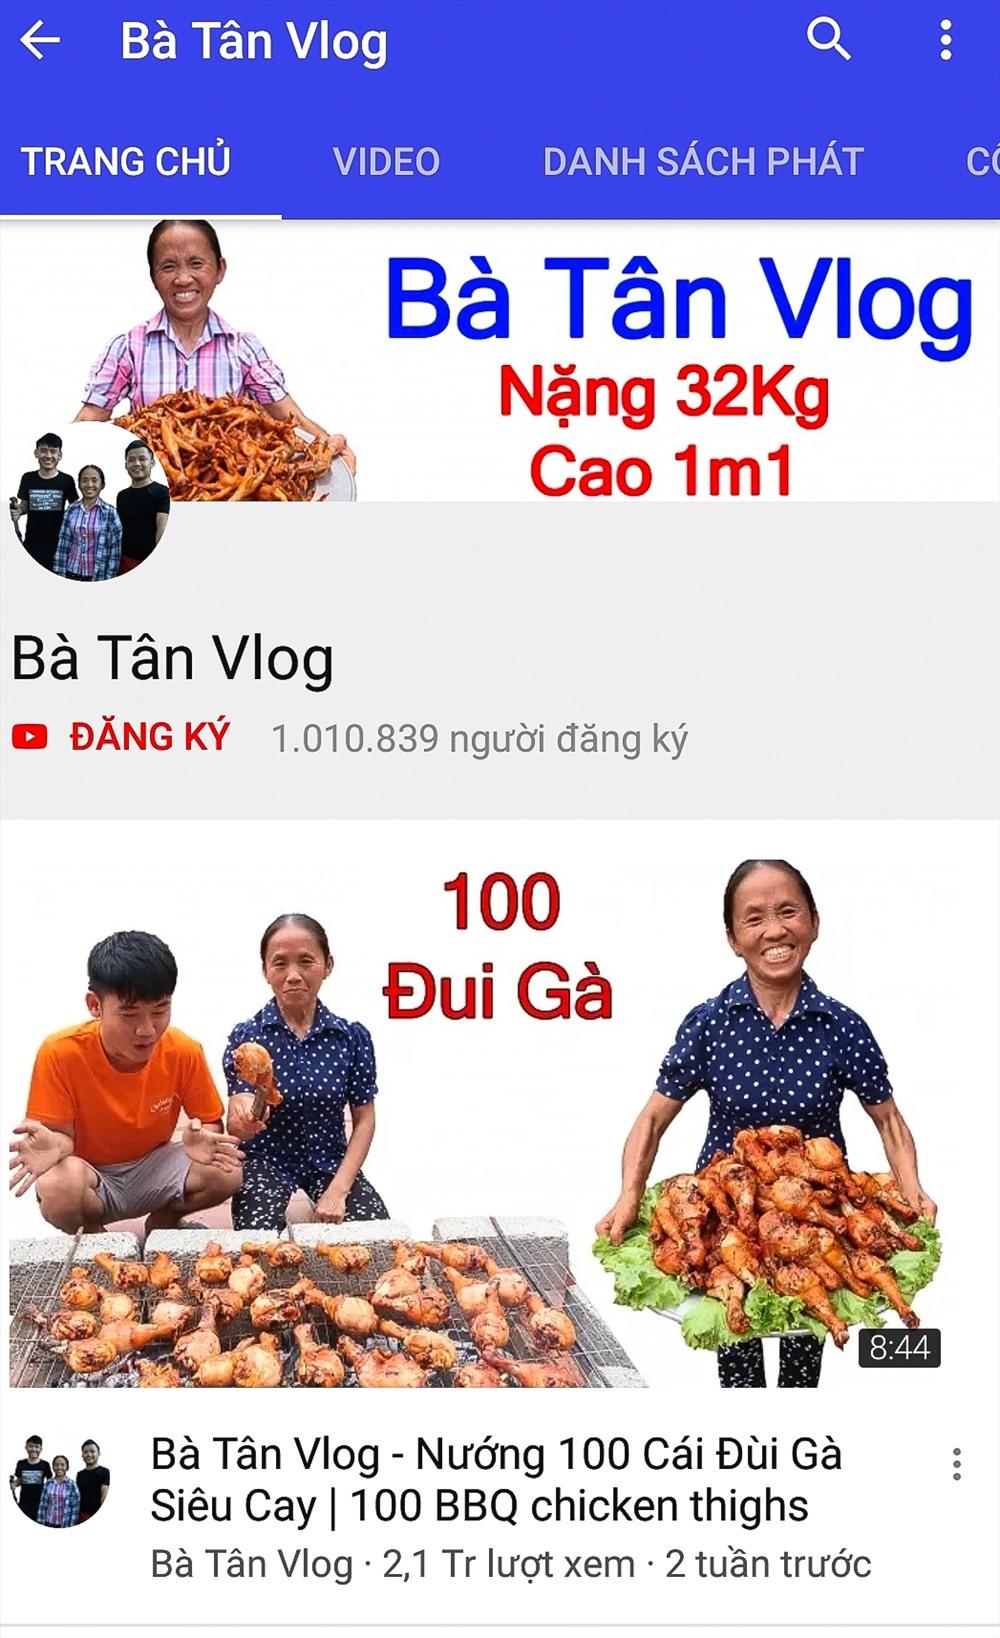 Sau hai tuần đăng tải clip lên nền tảng mạng xã hội Youtube, Bà Tân Vlog nhận về hơn 1 triệu người đăng kí theo dõi.